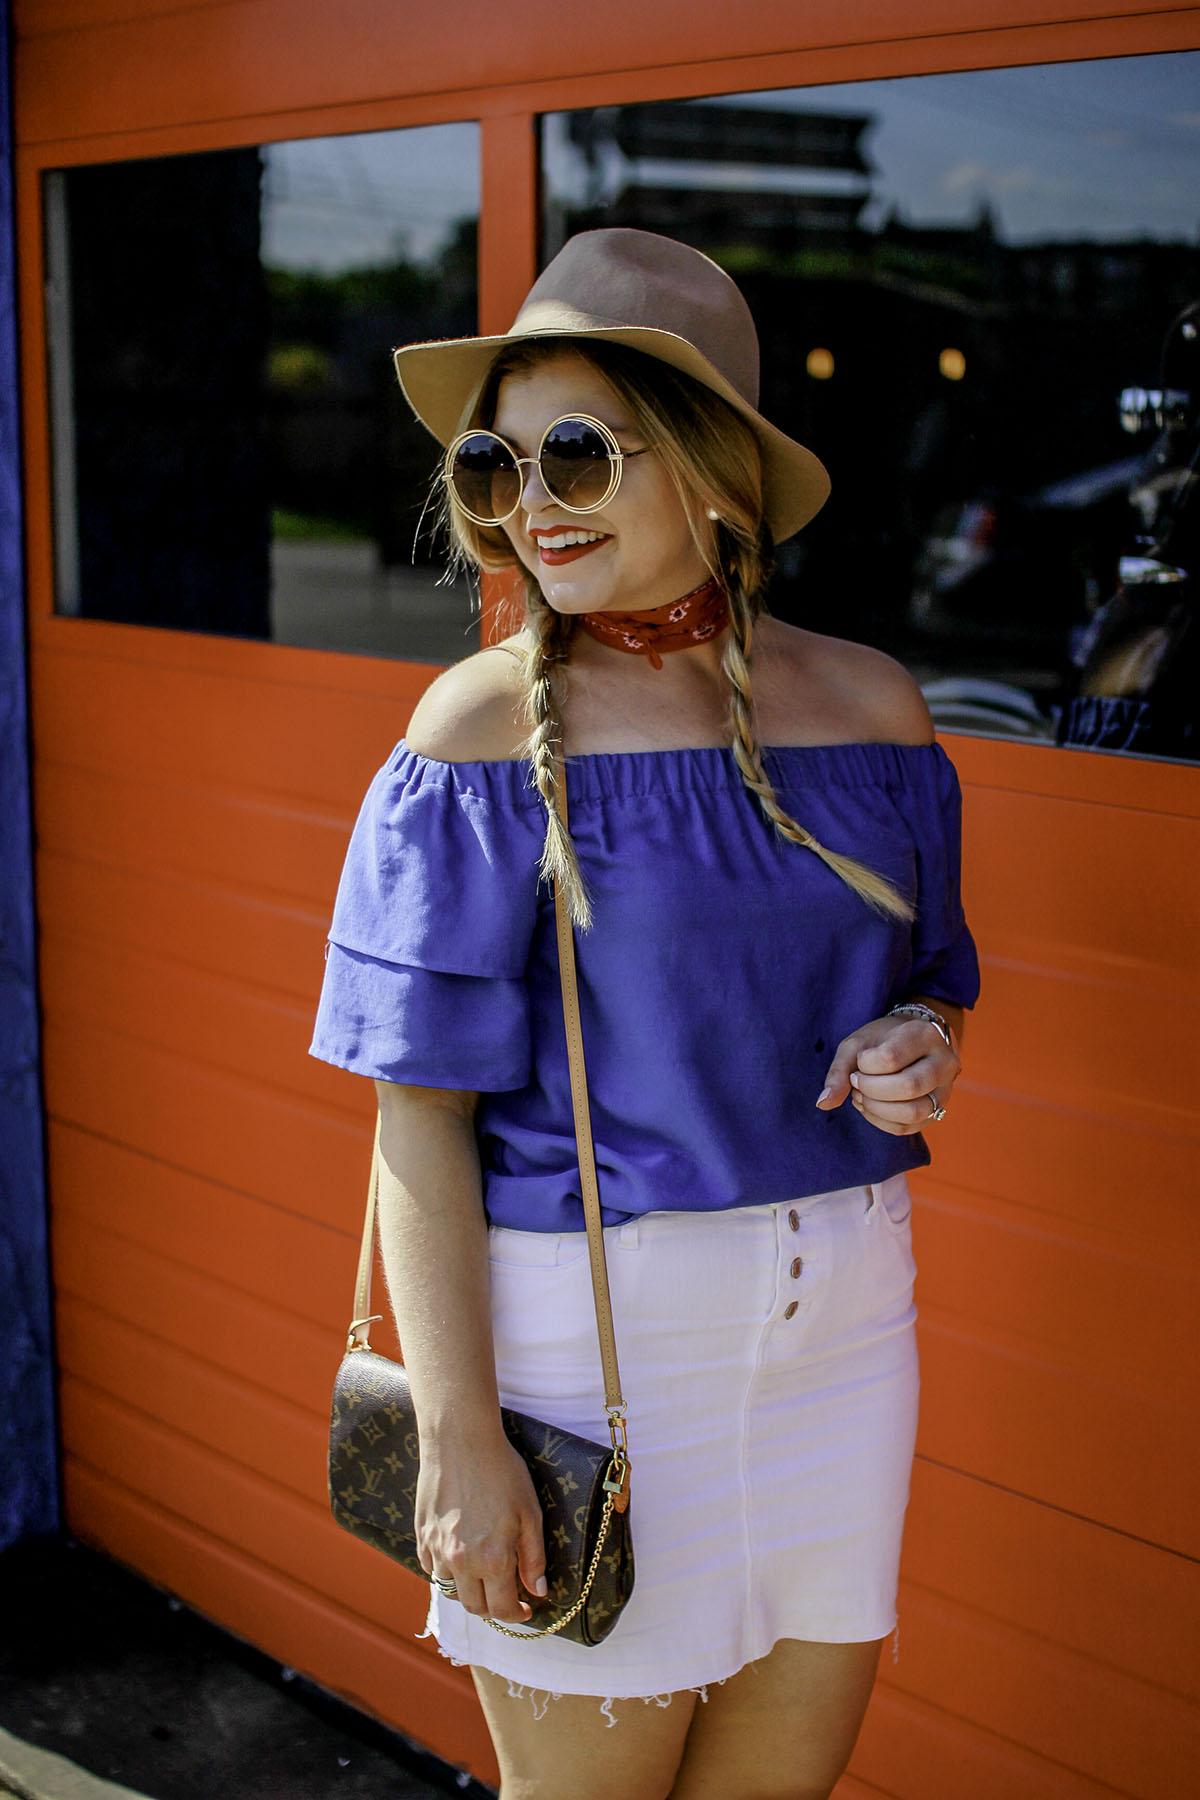 Blue Off Shoulder Top + Nashville Vibes